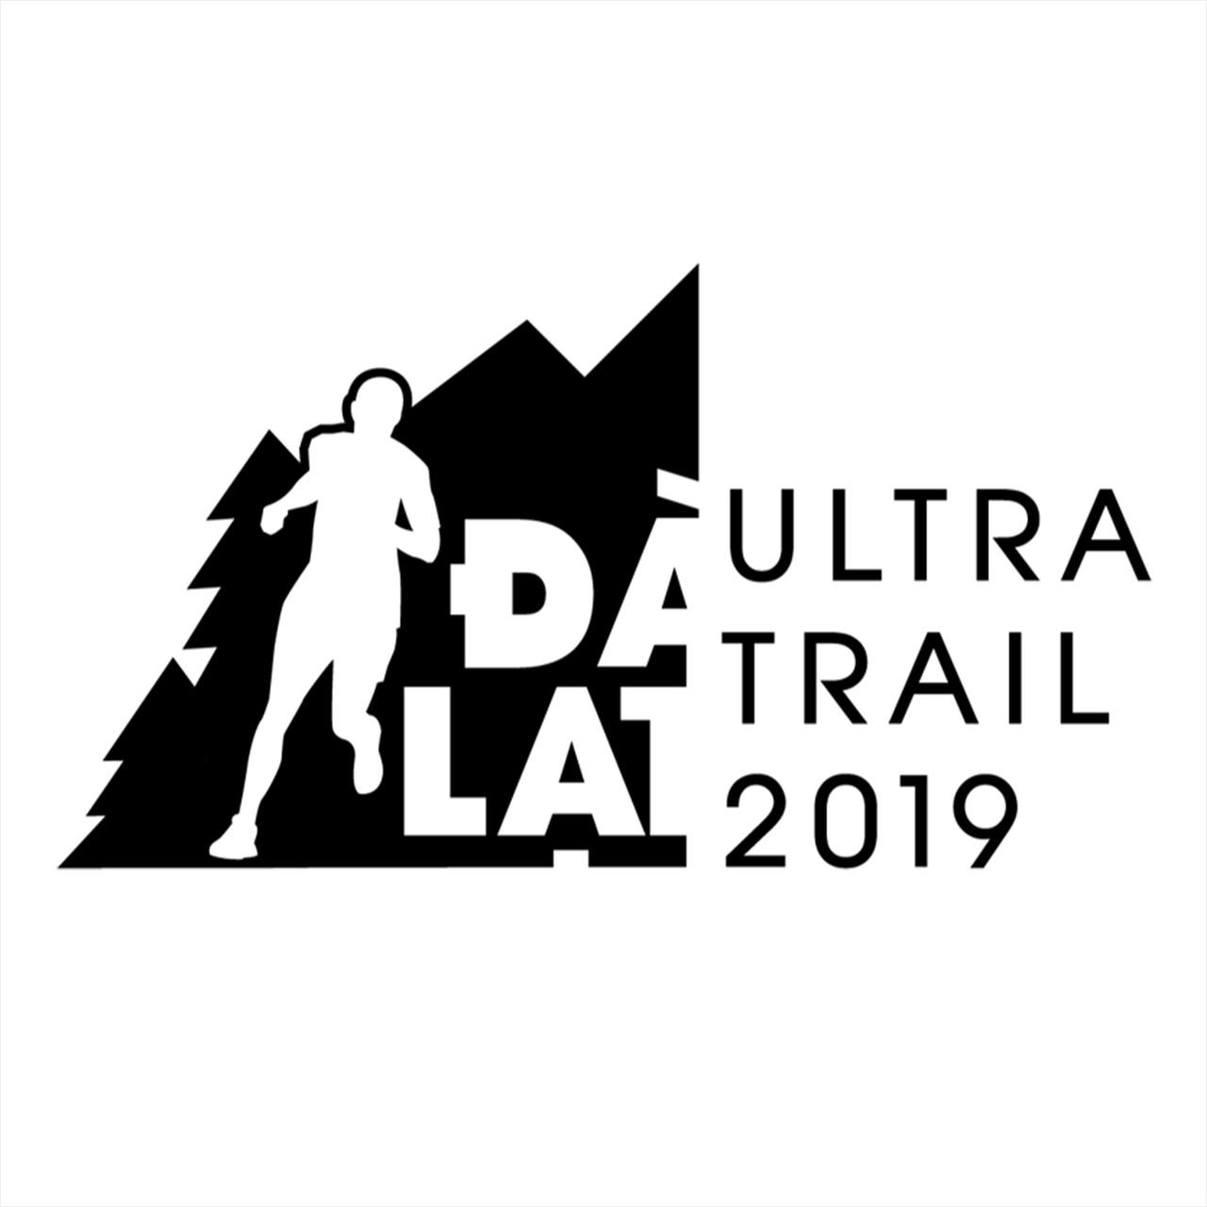 Dalat UT 2019 transpa.png